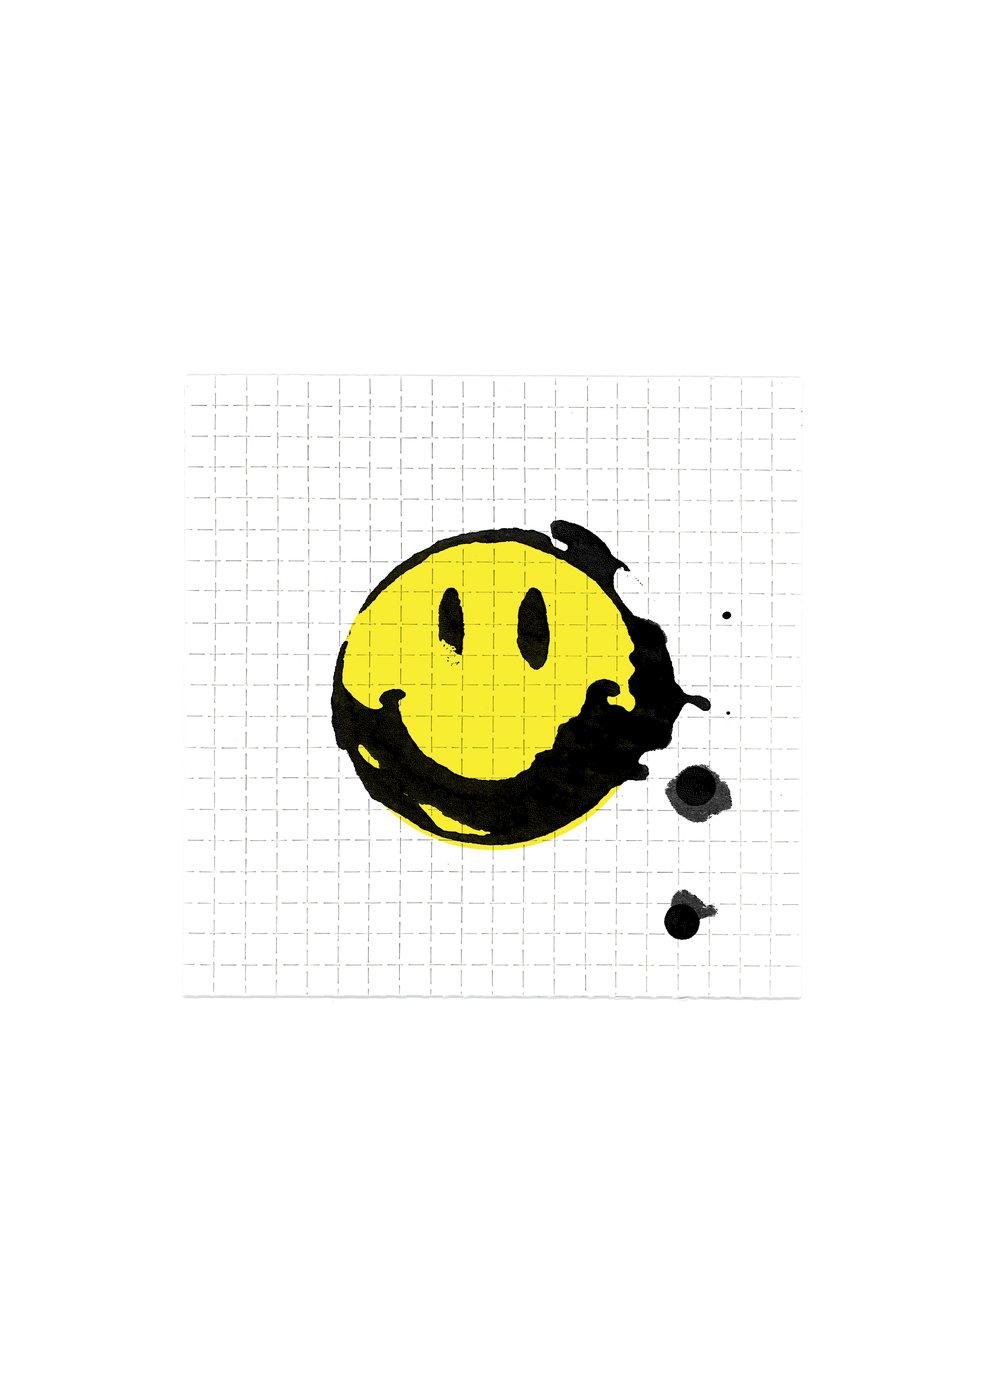 ACID_SMILE_04.jpg